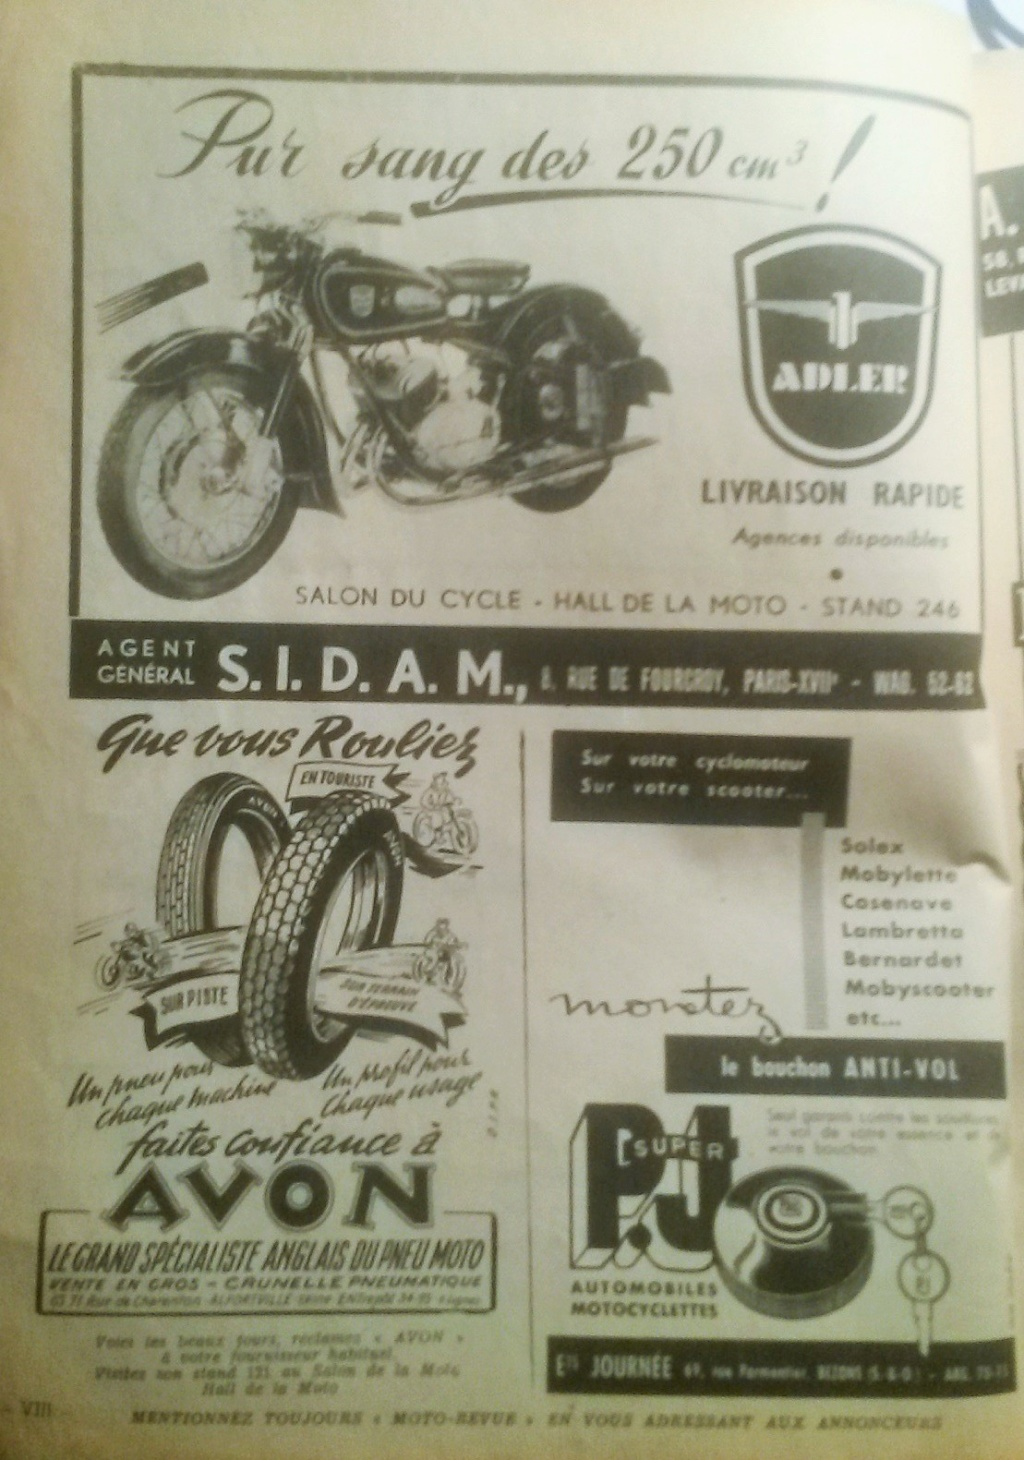 moto revue octobre 1956  02214